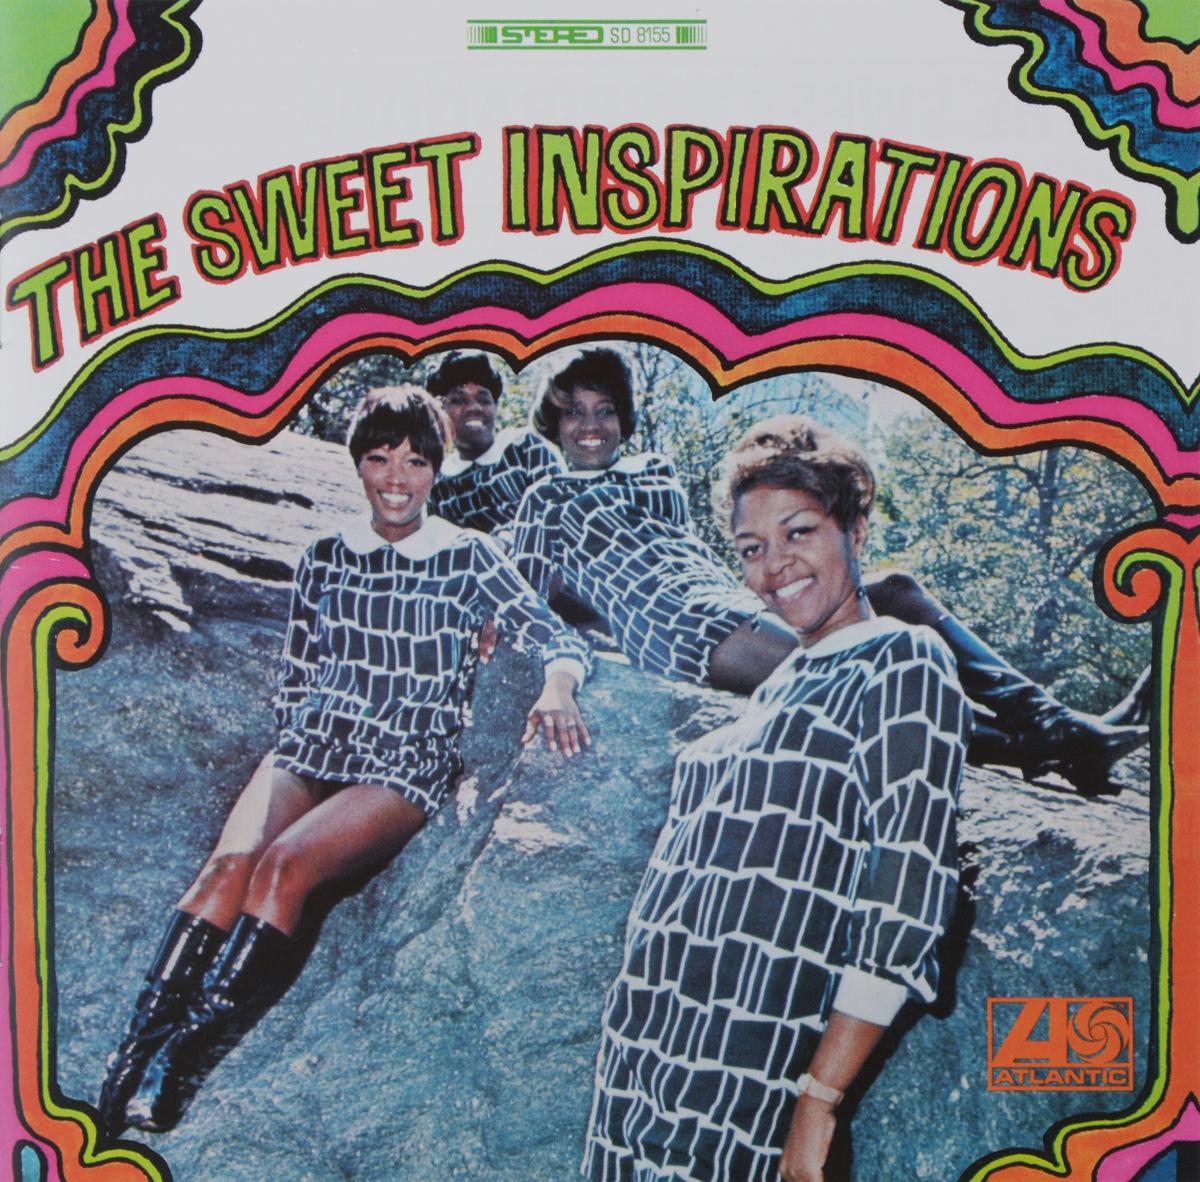 The Sweet Inspirations The Sweet Inspirations. The Sweet Inspirations sweet sweet action the ultimate story 2 cd